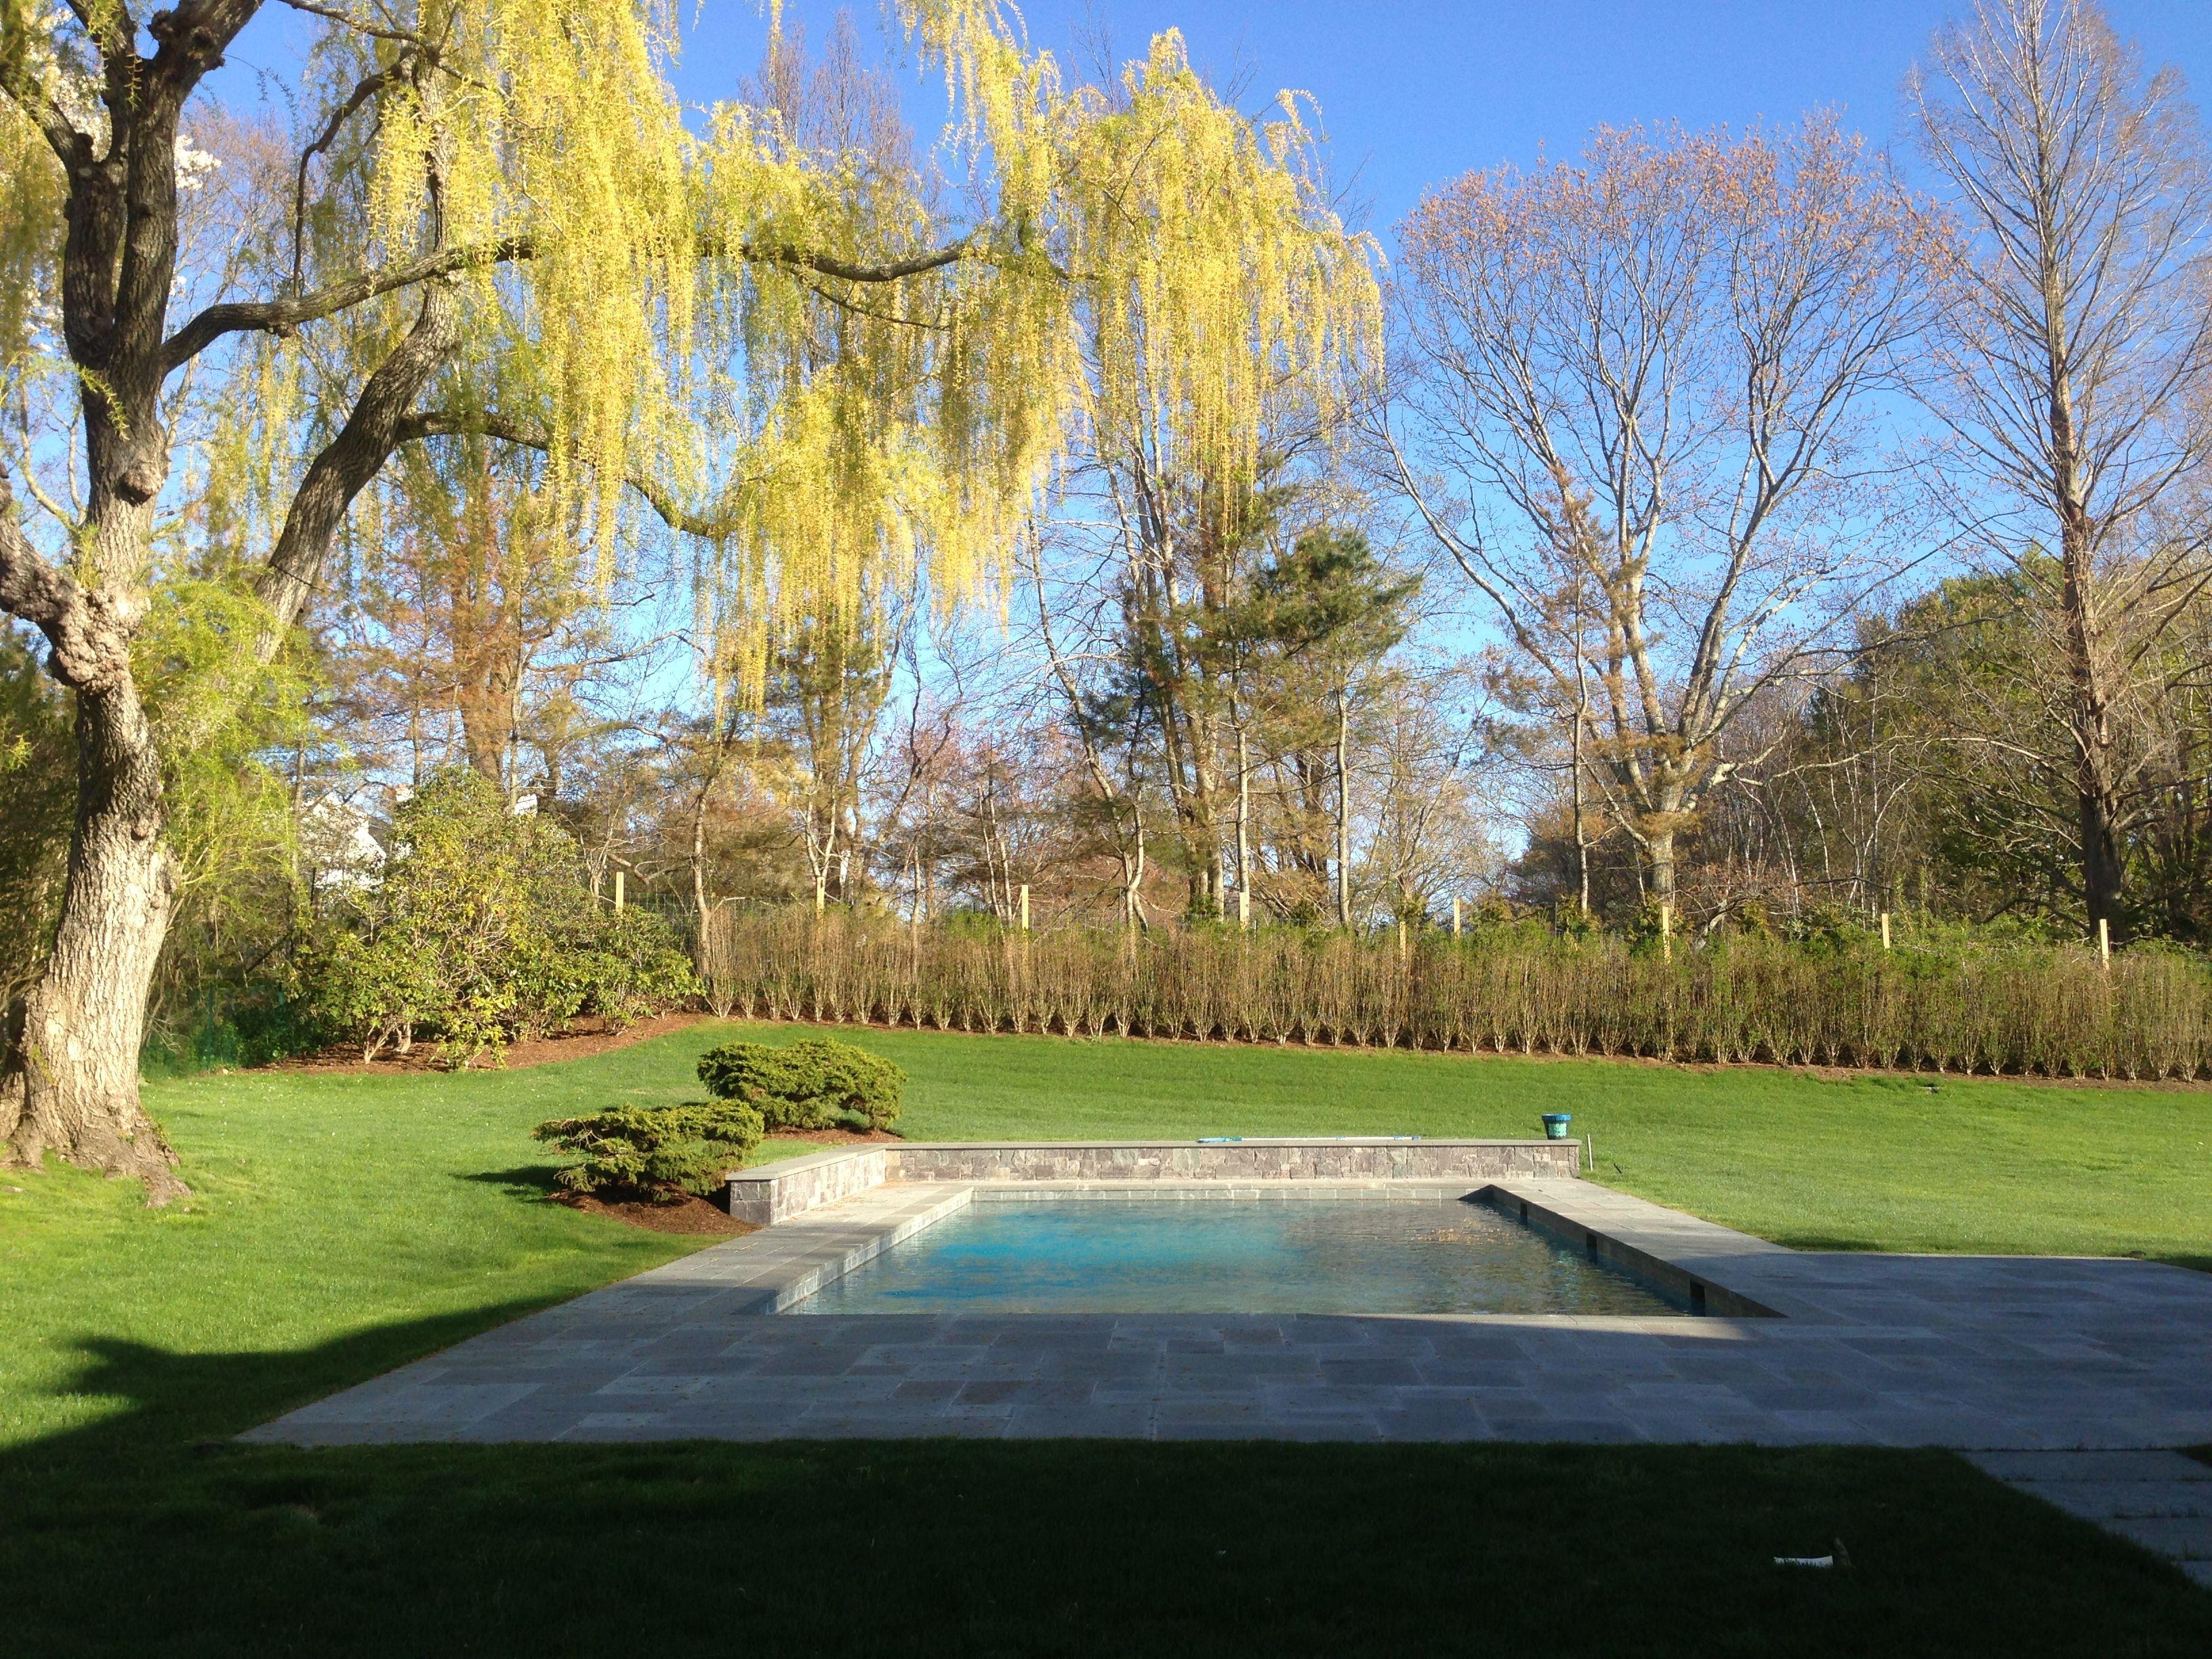 East Hampton gunite pool stone patio & retaining wall